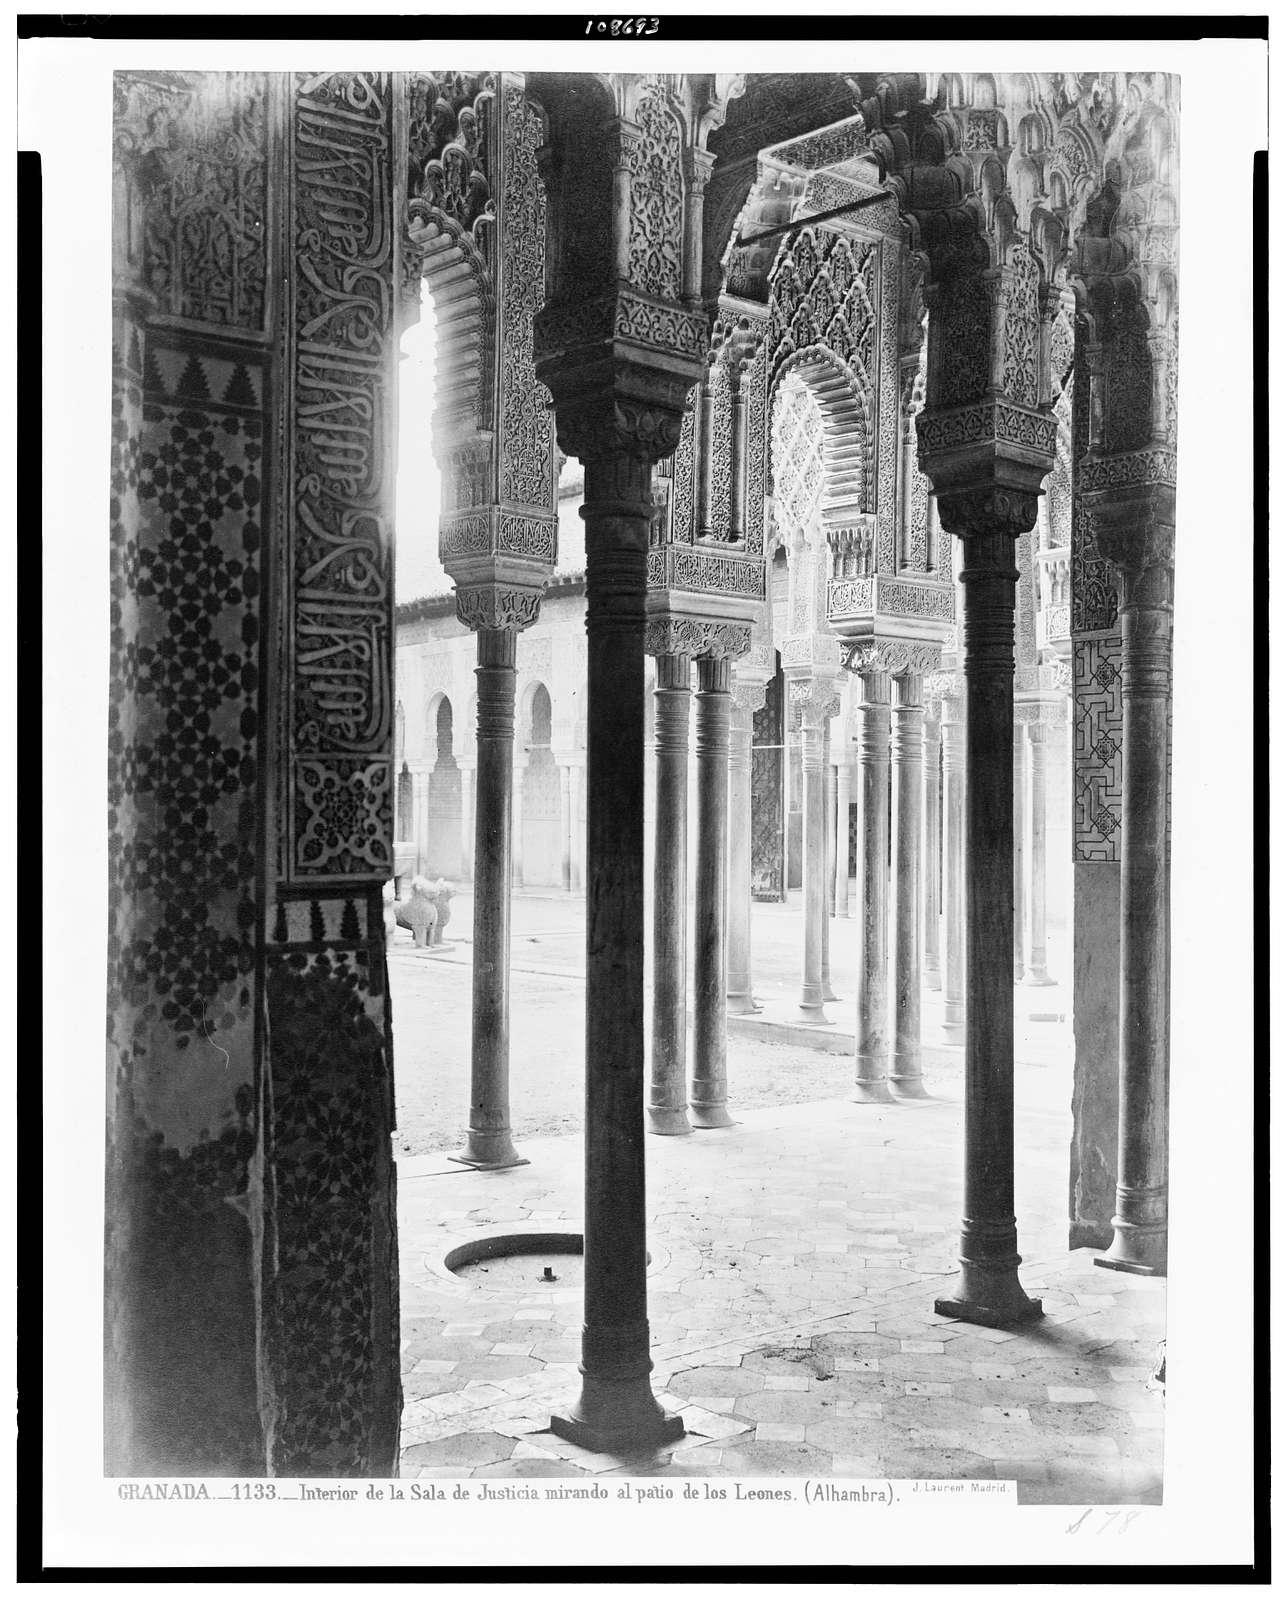 Granada. Interior de la Sala de Justicia mirando al Patio de los Leones (Alhambra) / J. Laurent. Madrid.